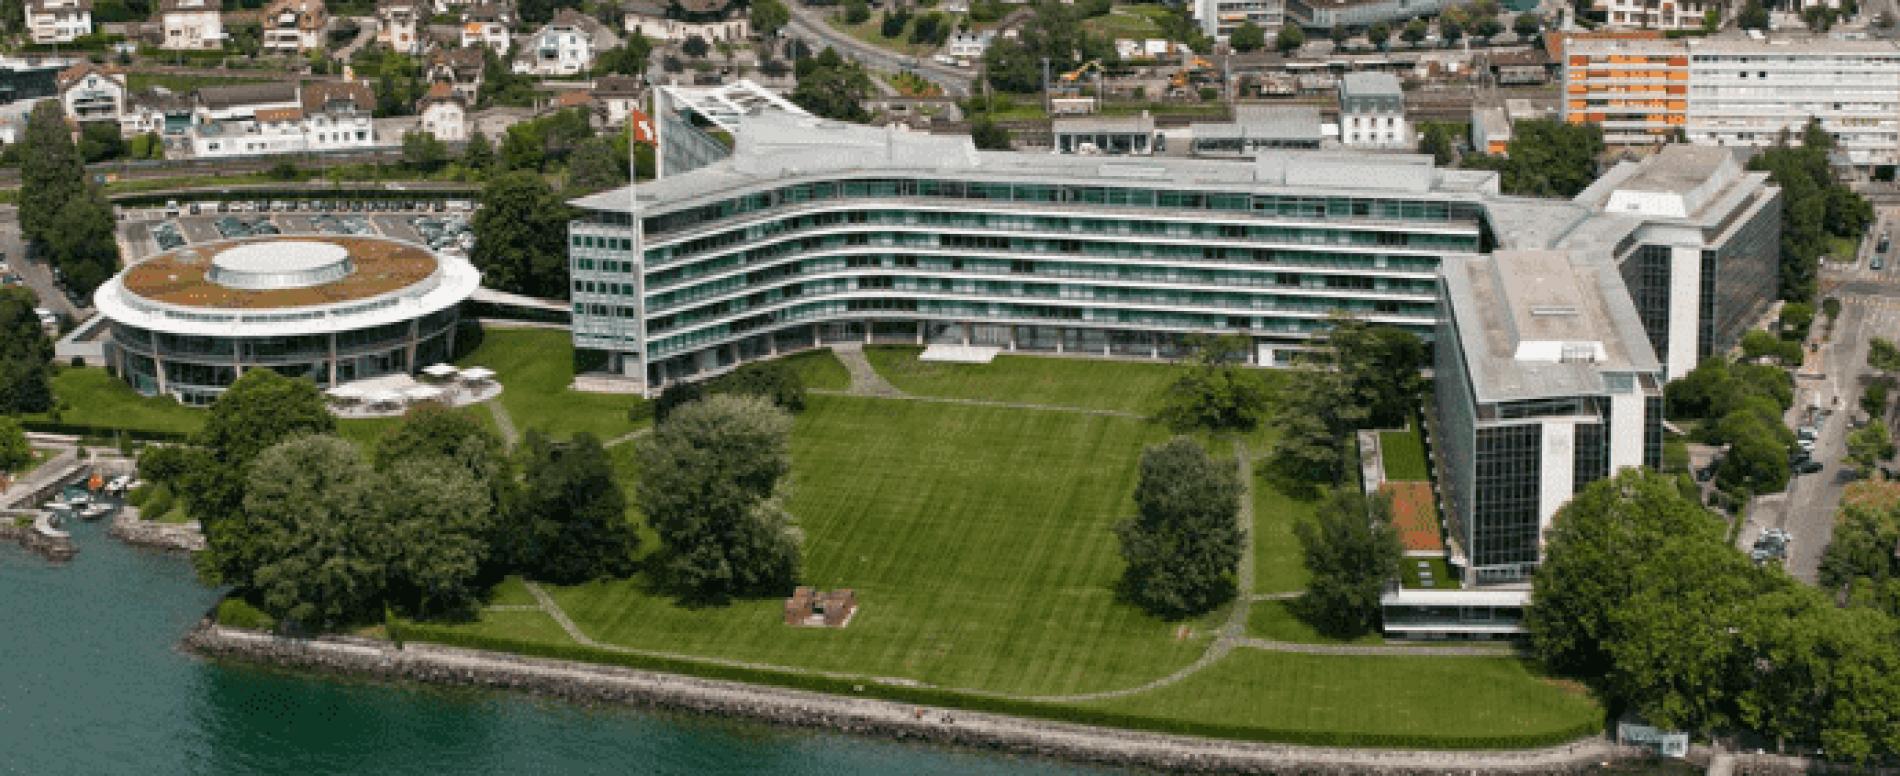 Il quartier generale di Nestlé trasloca nella sede storica di Vevey